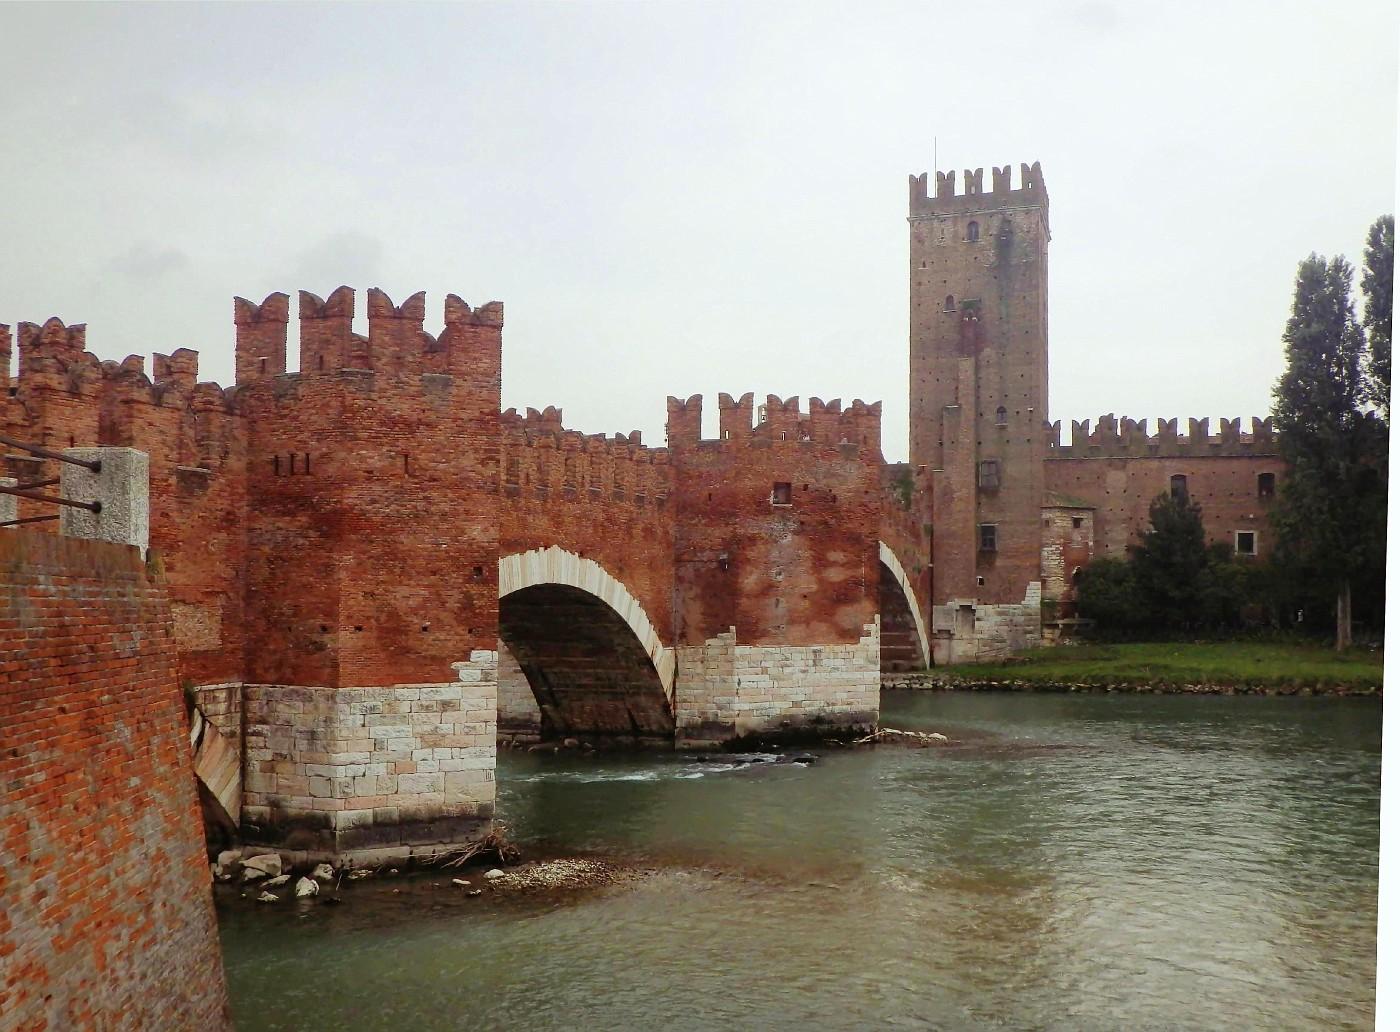 Castel Vecchio Bridge